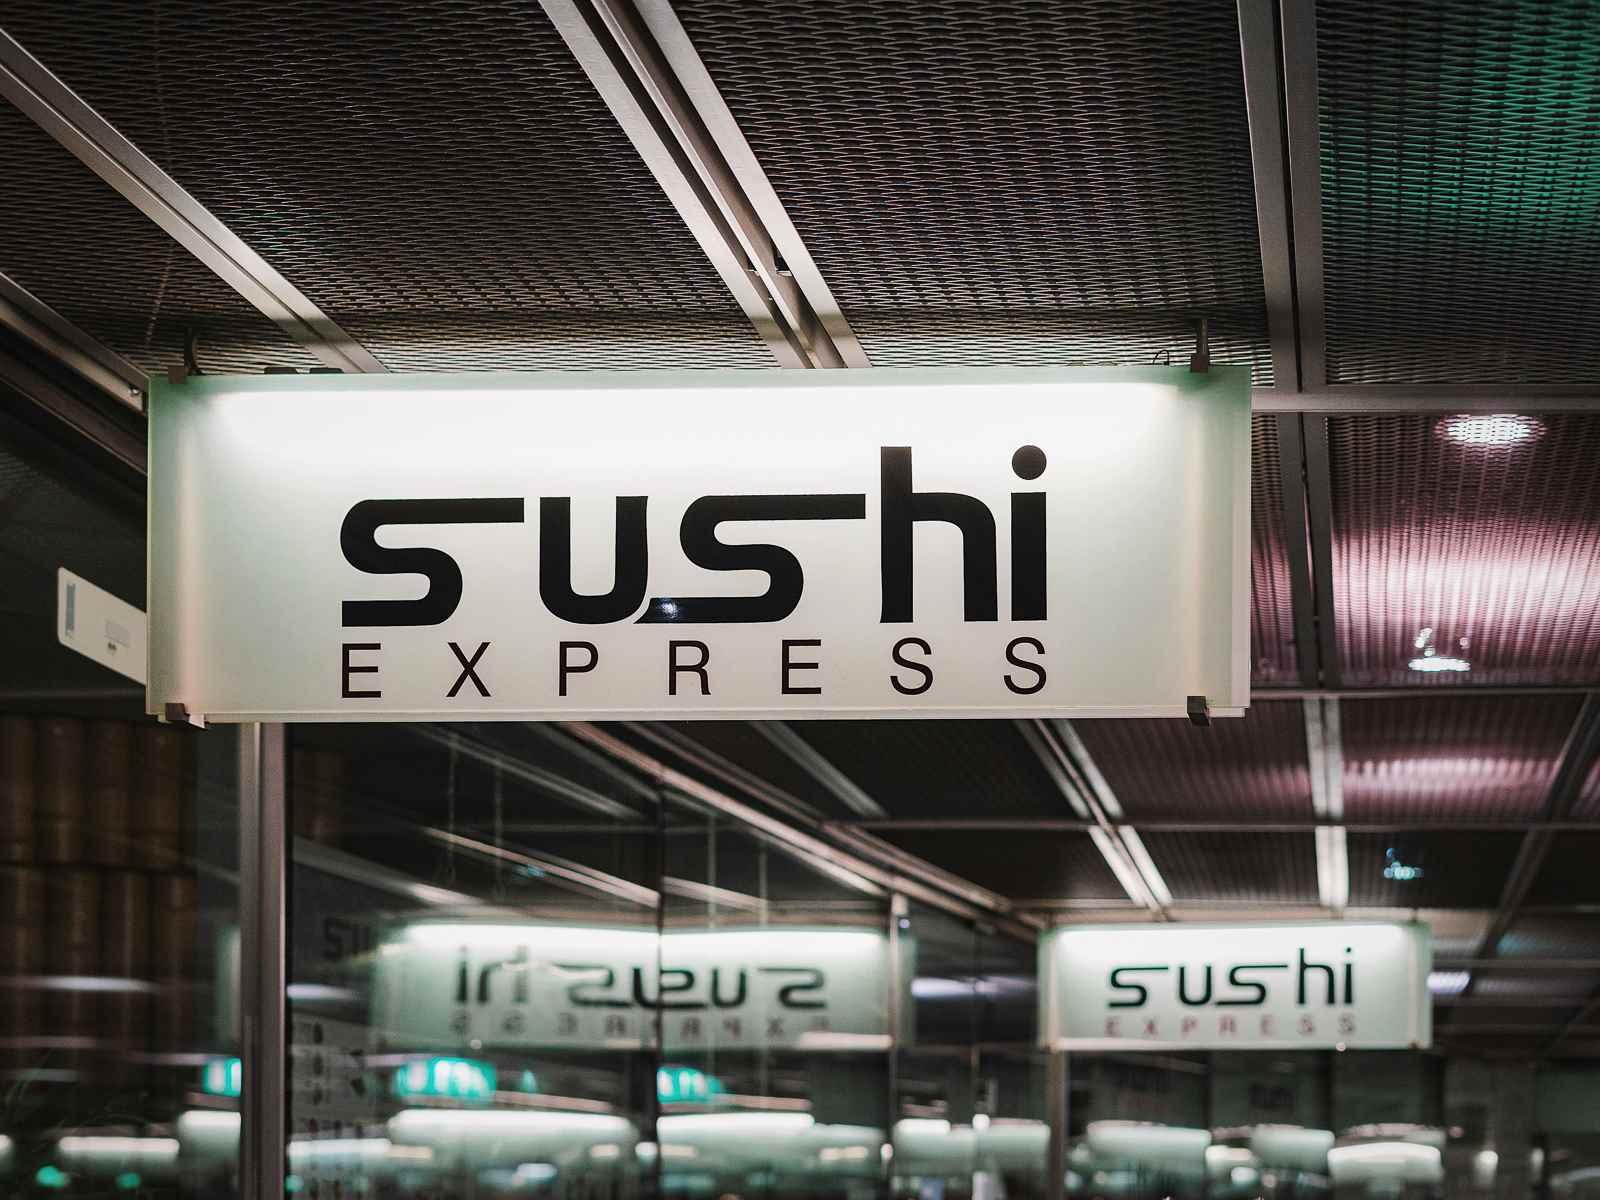 Sushi Express Restaurant  im Sony Center am Potsdamer Platz